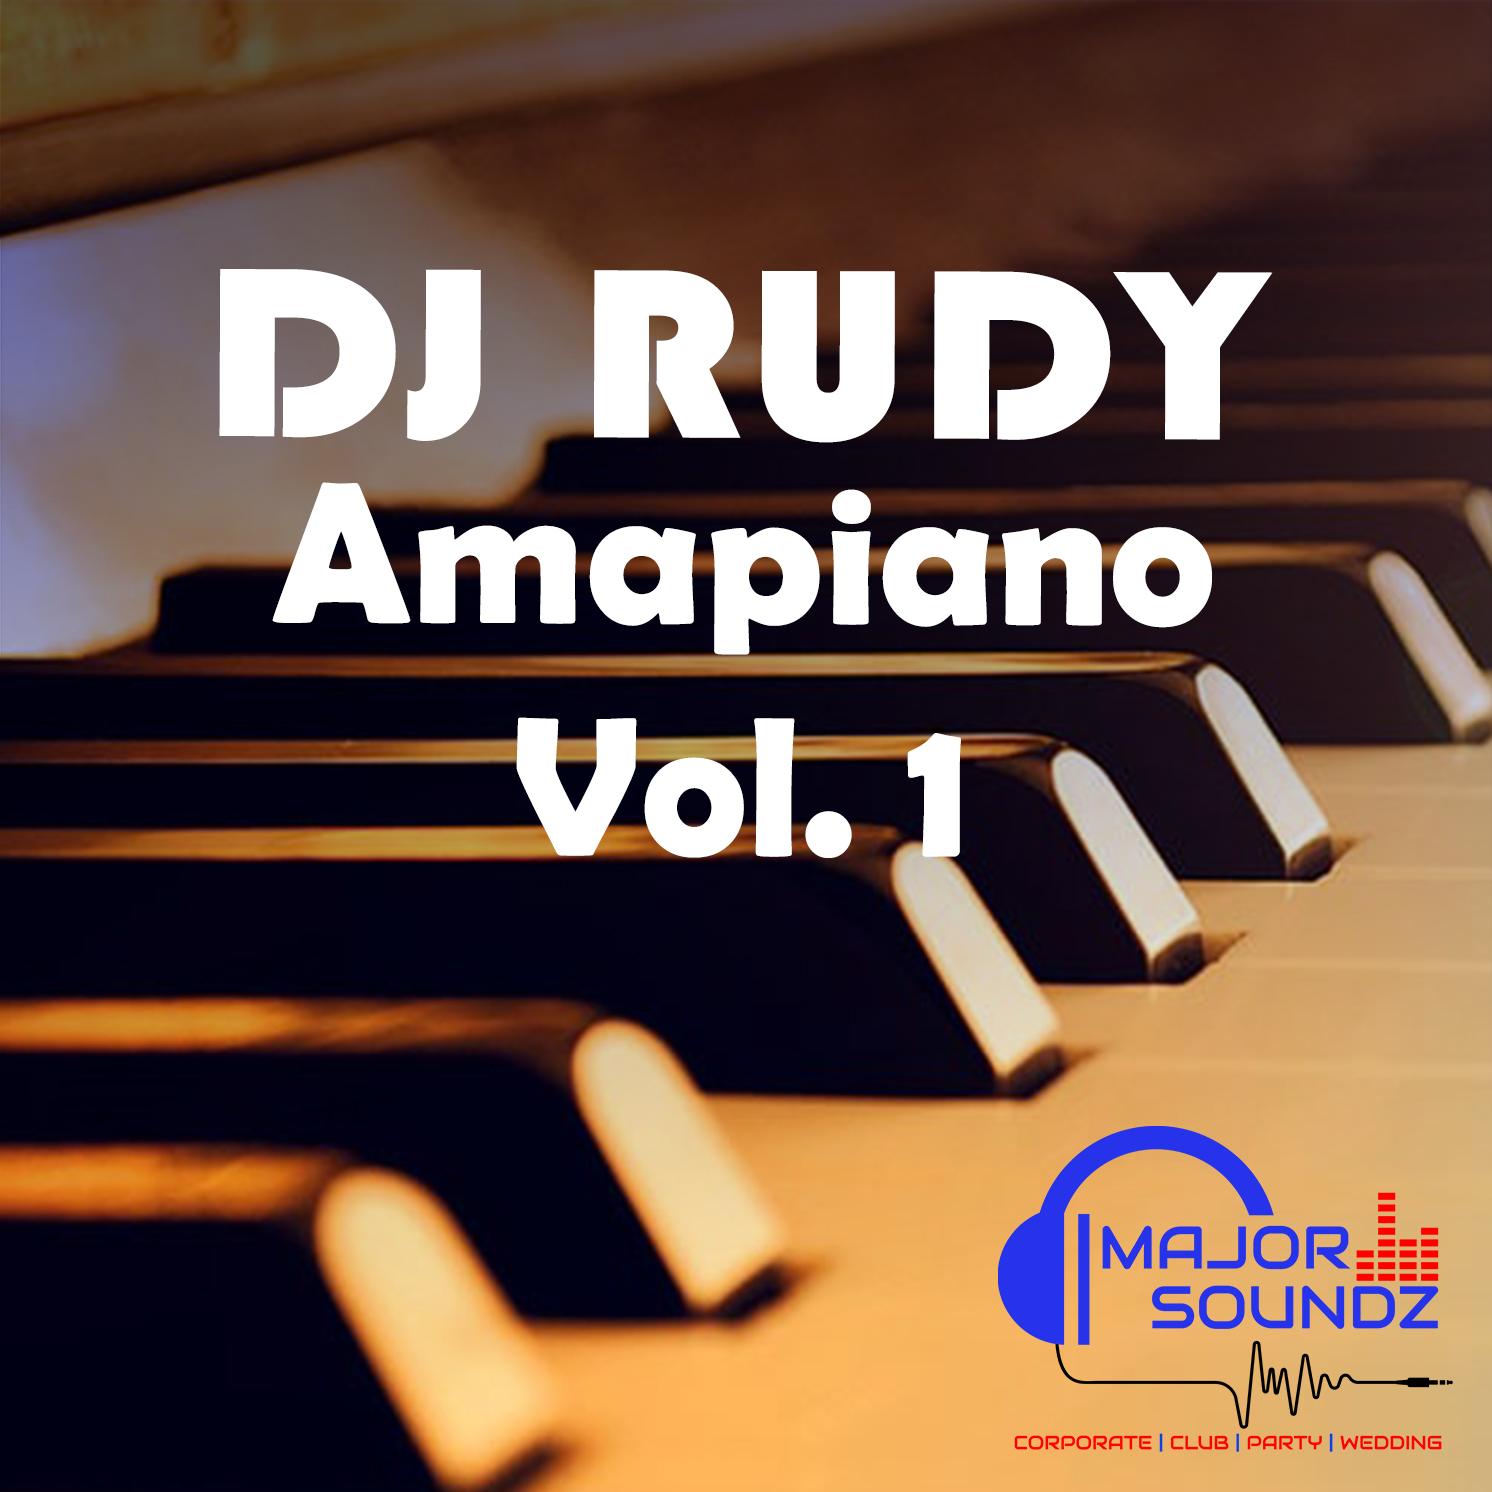 DJ Rudy - Amapiano Vol.1